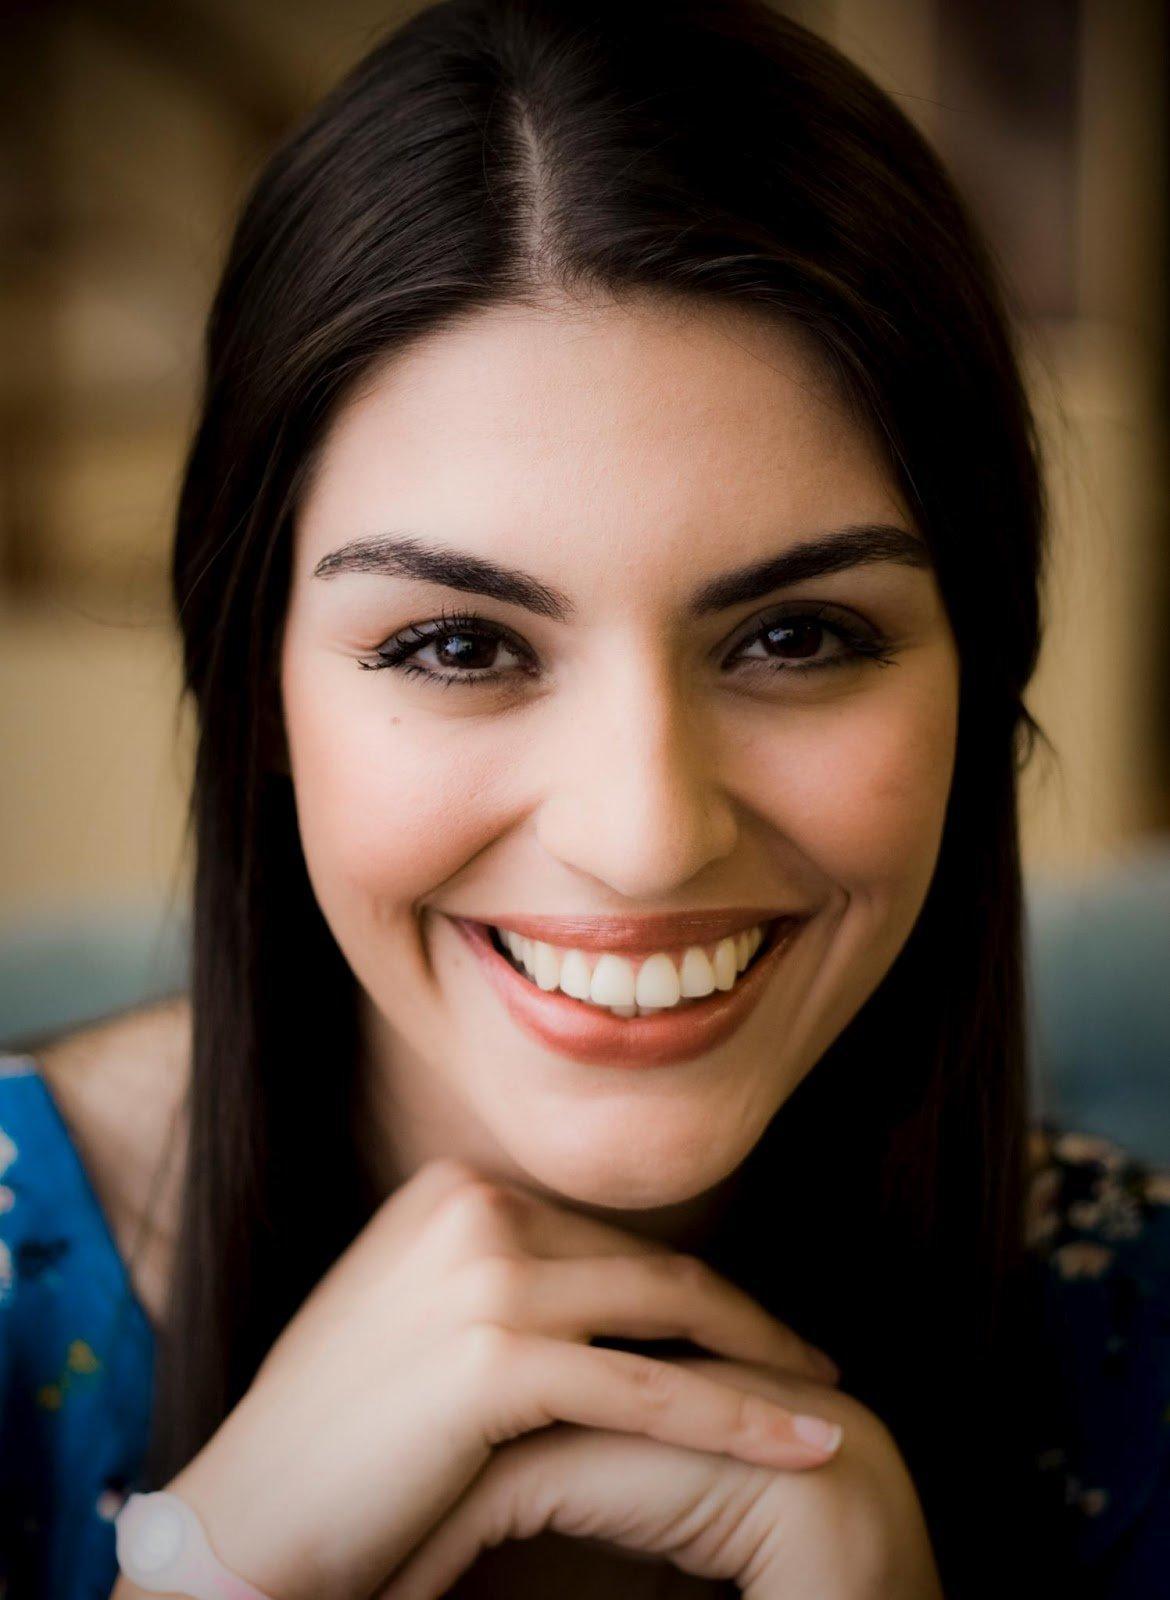 родным турецкие актеры и актрисы фото биография искусственные аналоги